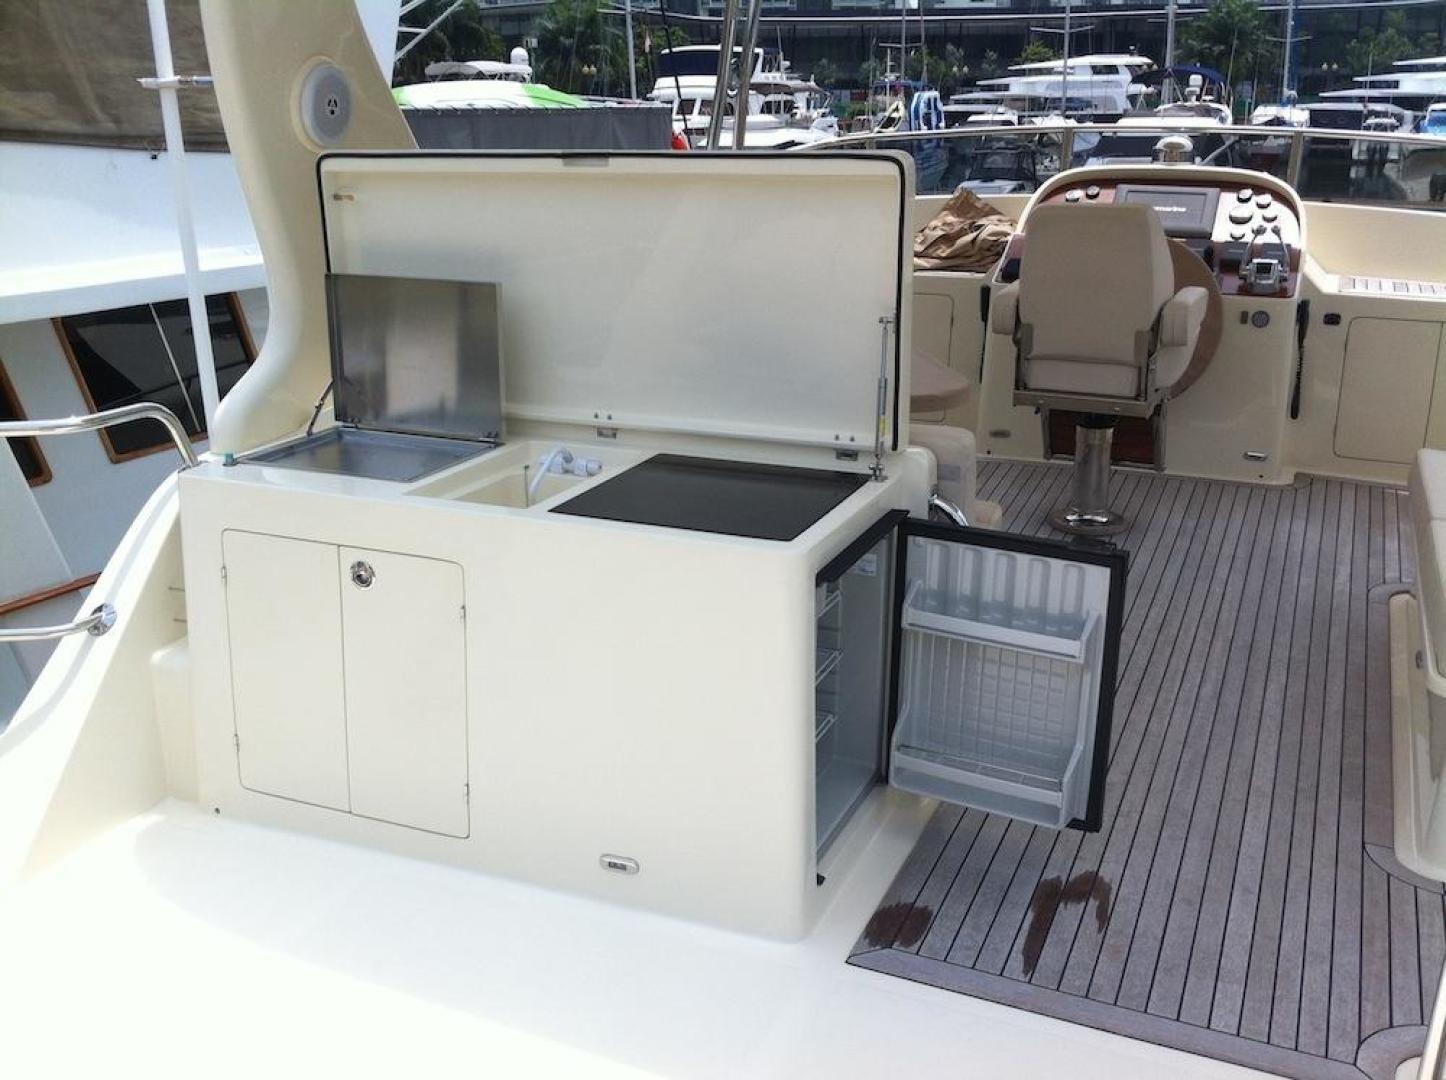 Clipper Motor Yachts-Cordova 52 2011 -Unknown-Singapore-Clipper Motor Yachts Cordova 52-385793 | Thumbnail